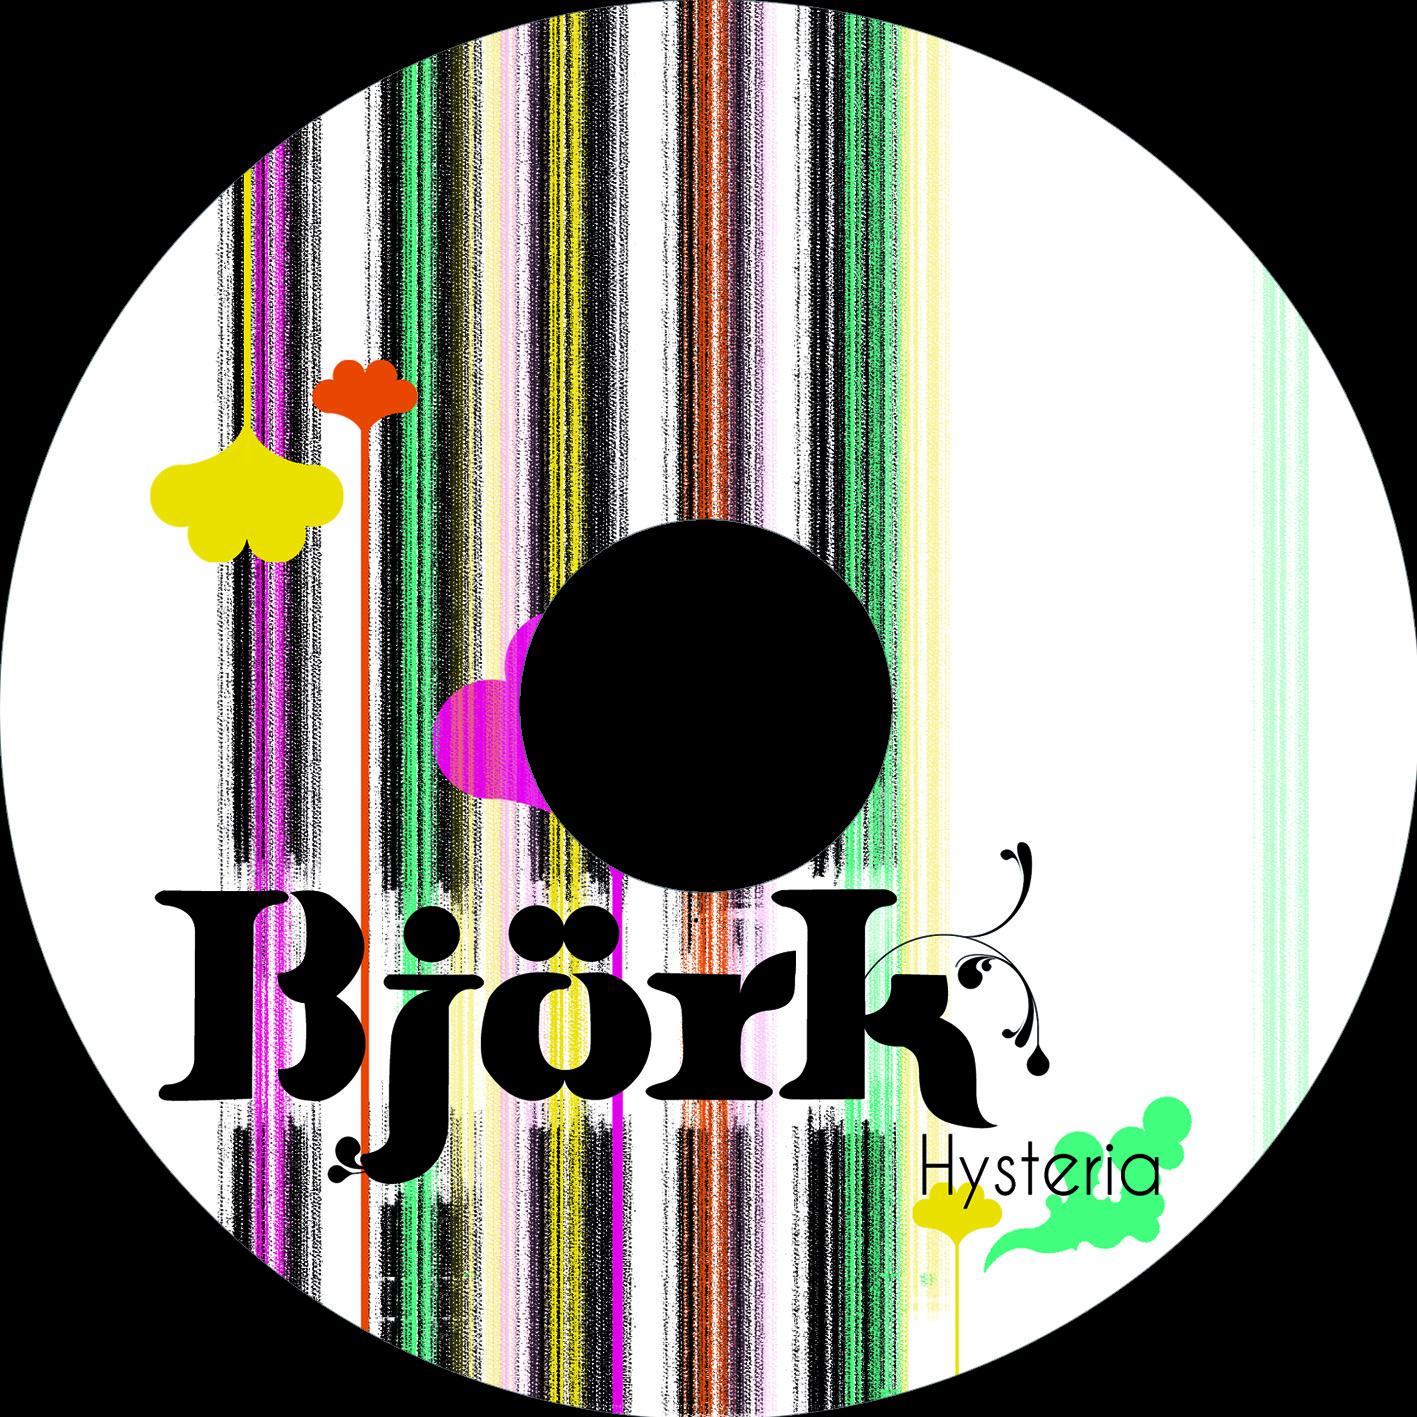 http://1.bp.blogspot.com/_rnJFEdDbDRc/TN7VWpuTV0I/AAAAAAAAABc/aFmohyZ3T6A/s1600/BJORKcd.jpg